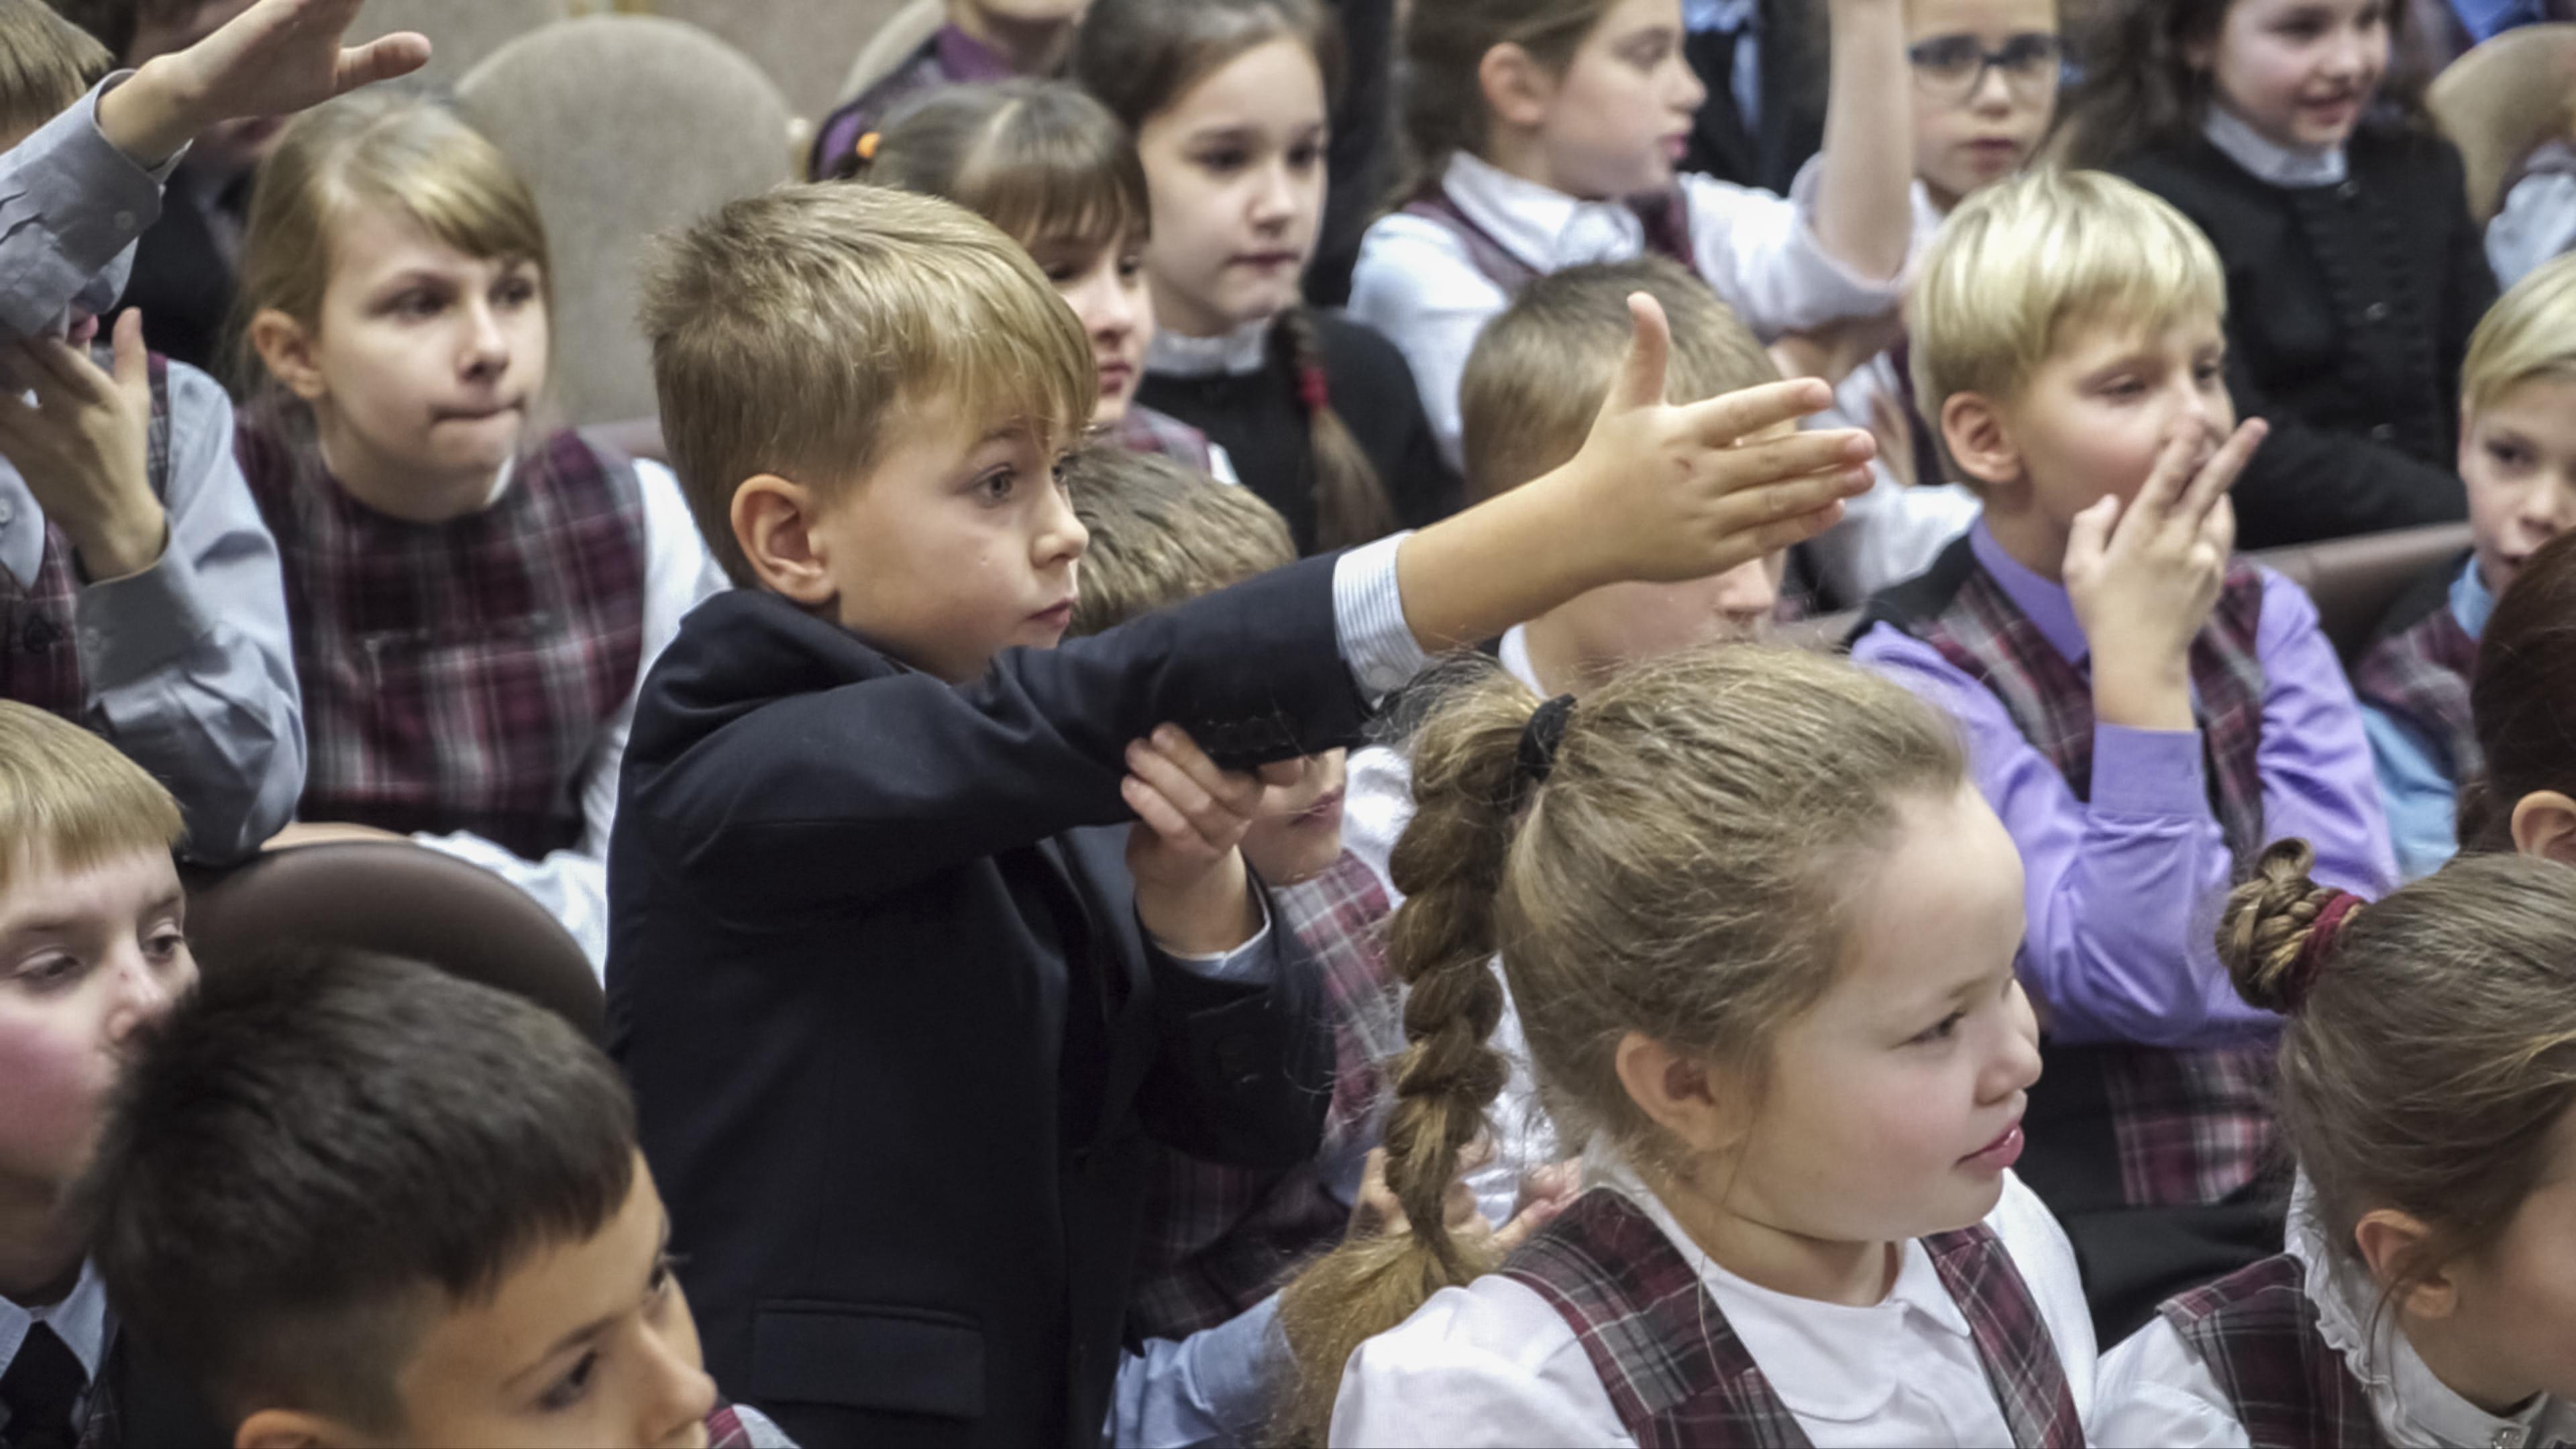 Гимназисты Санкт-Петербургской «Академической гимназии № 56» встретились с Николаем Миклухо-Маклаем